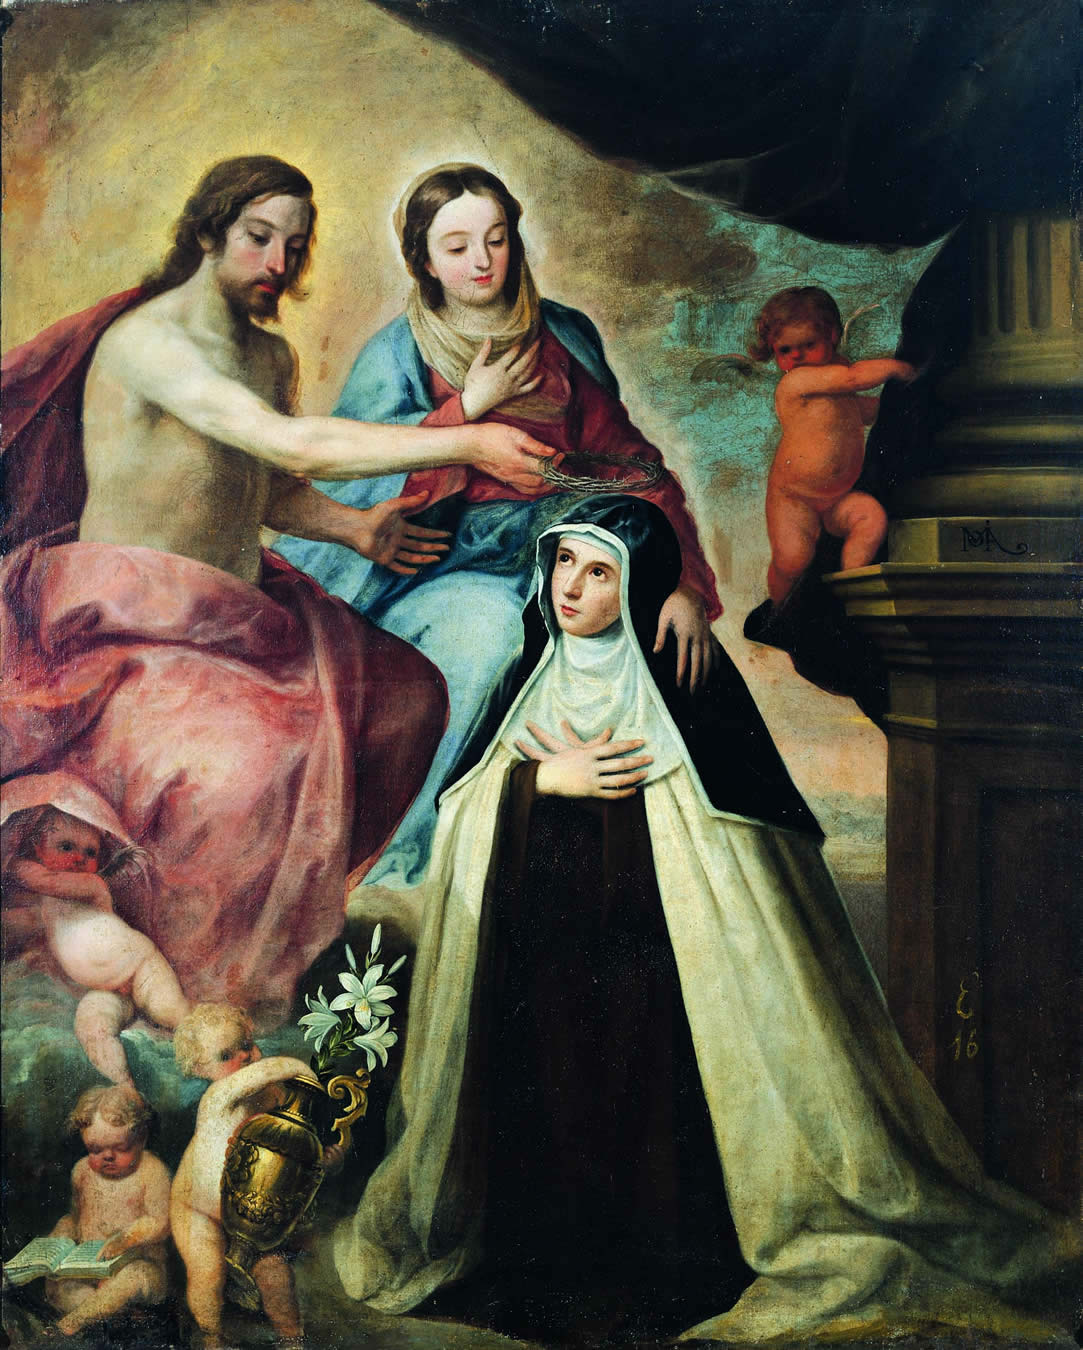 Maria Maddalena de' Pazzi - Wikipedia